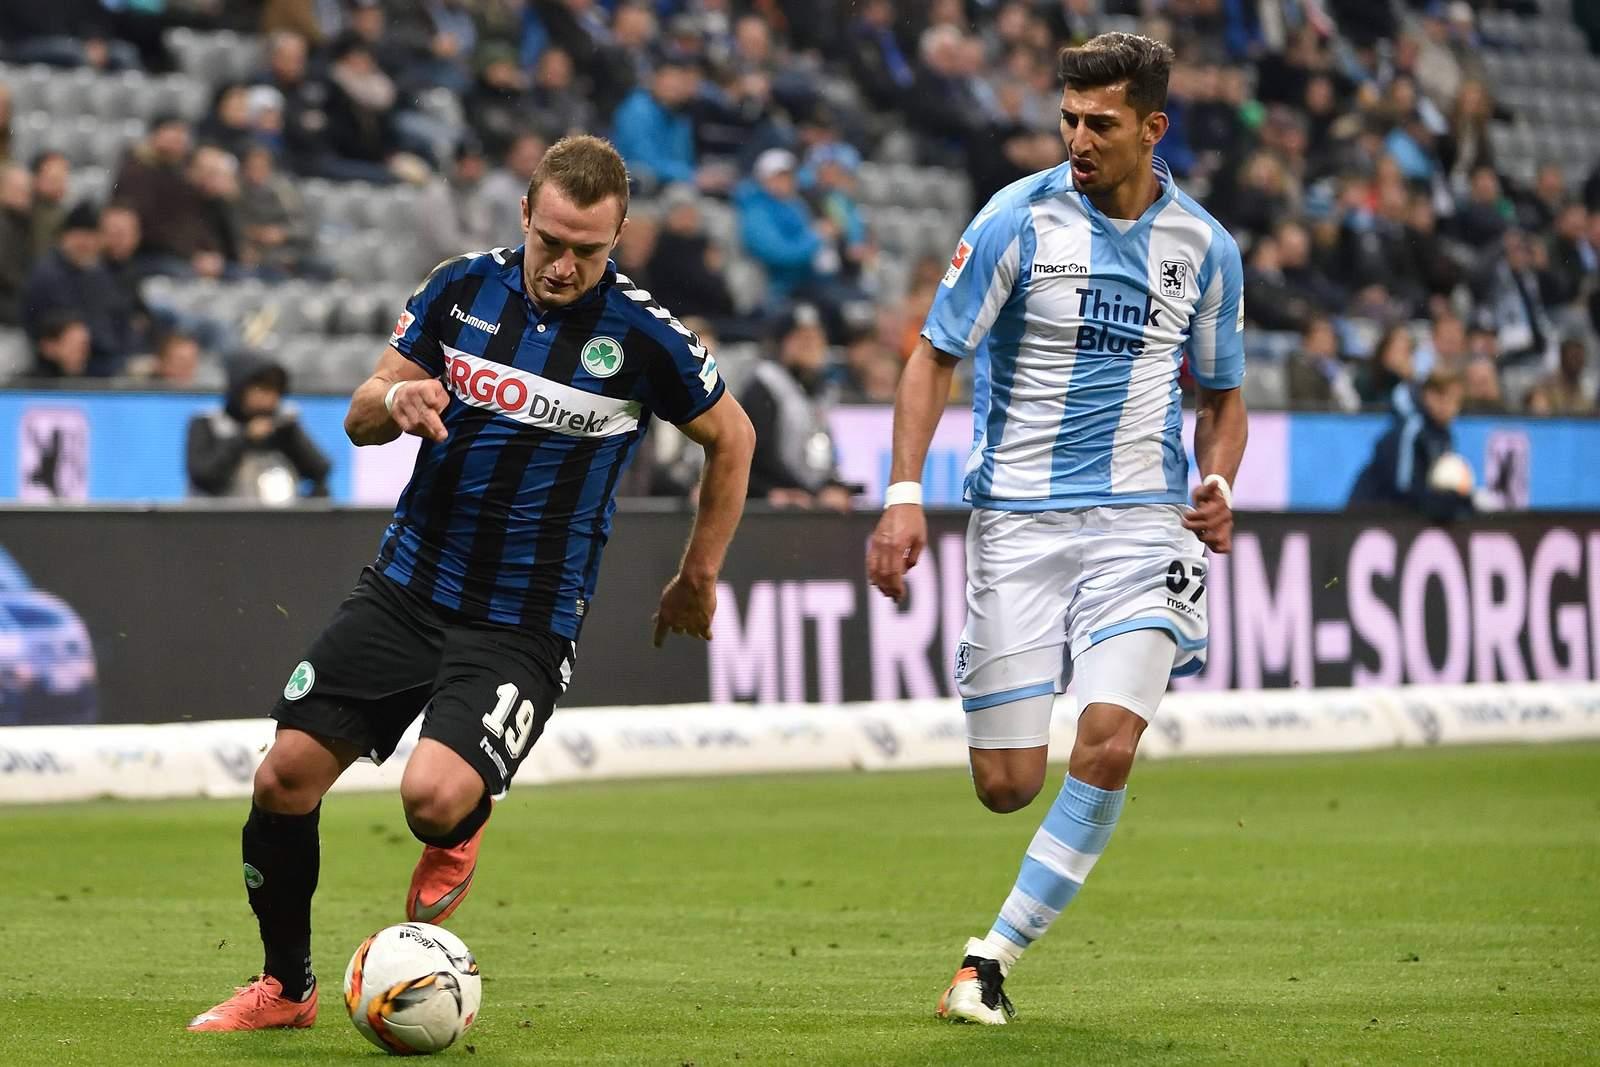 Sertan Yegenoglu im Laufduell mit Veton Berisha von Greuther Fürth.